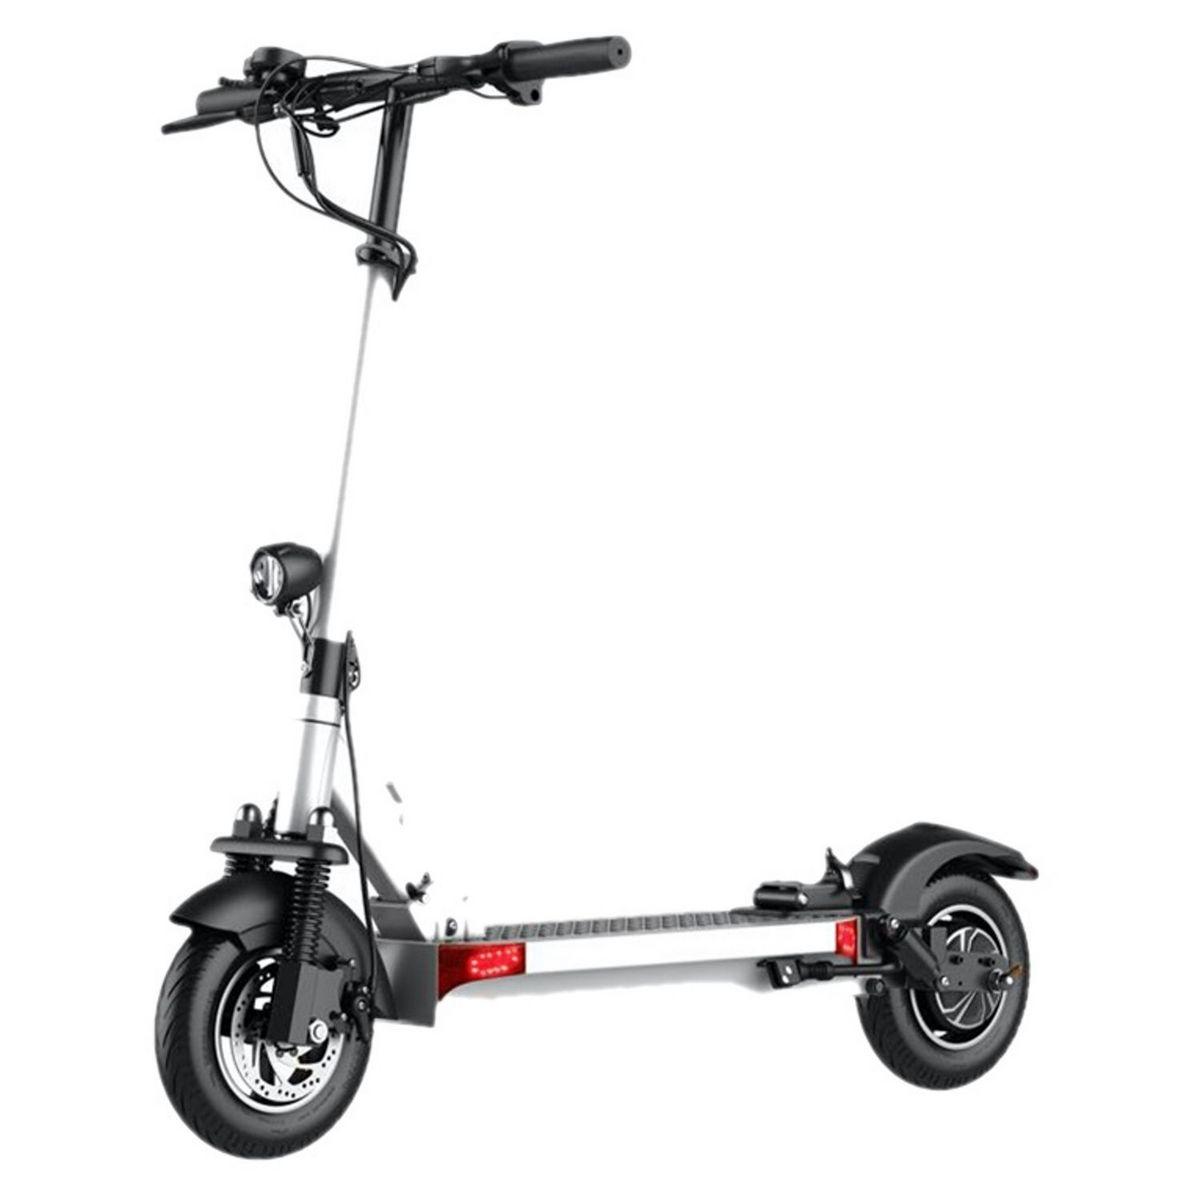 Trottinette électrique E.Scooter Sit'n Go - Blanc